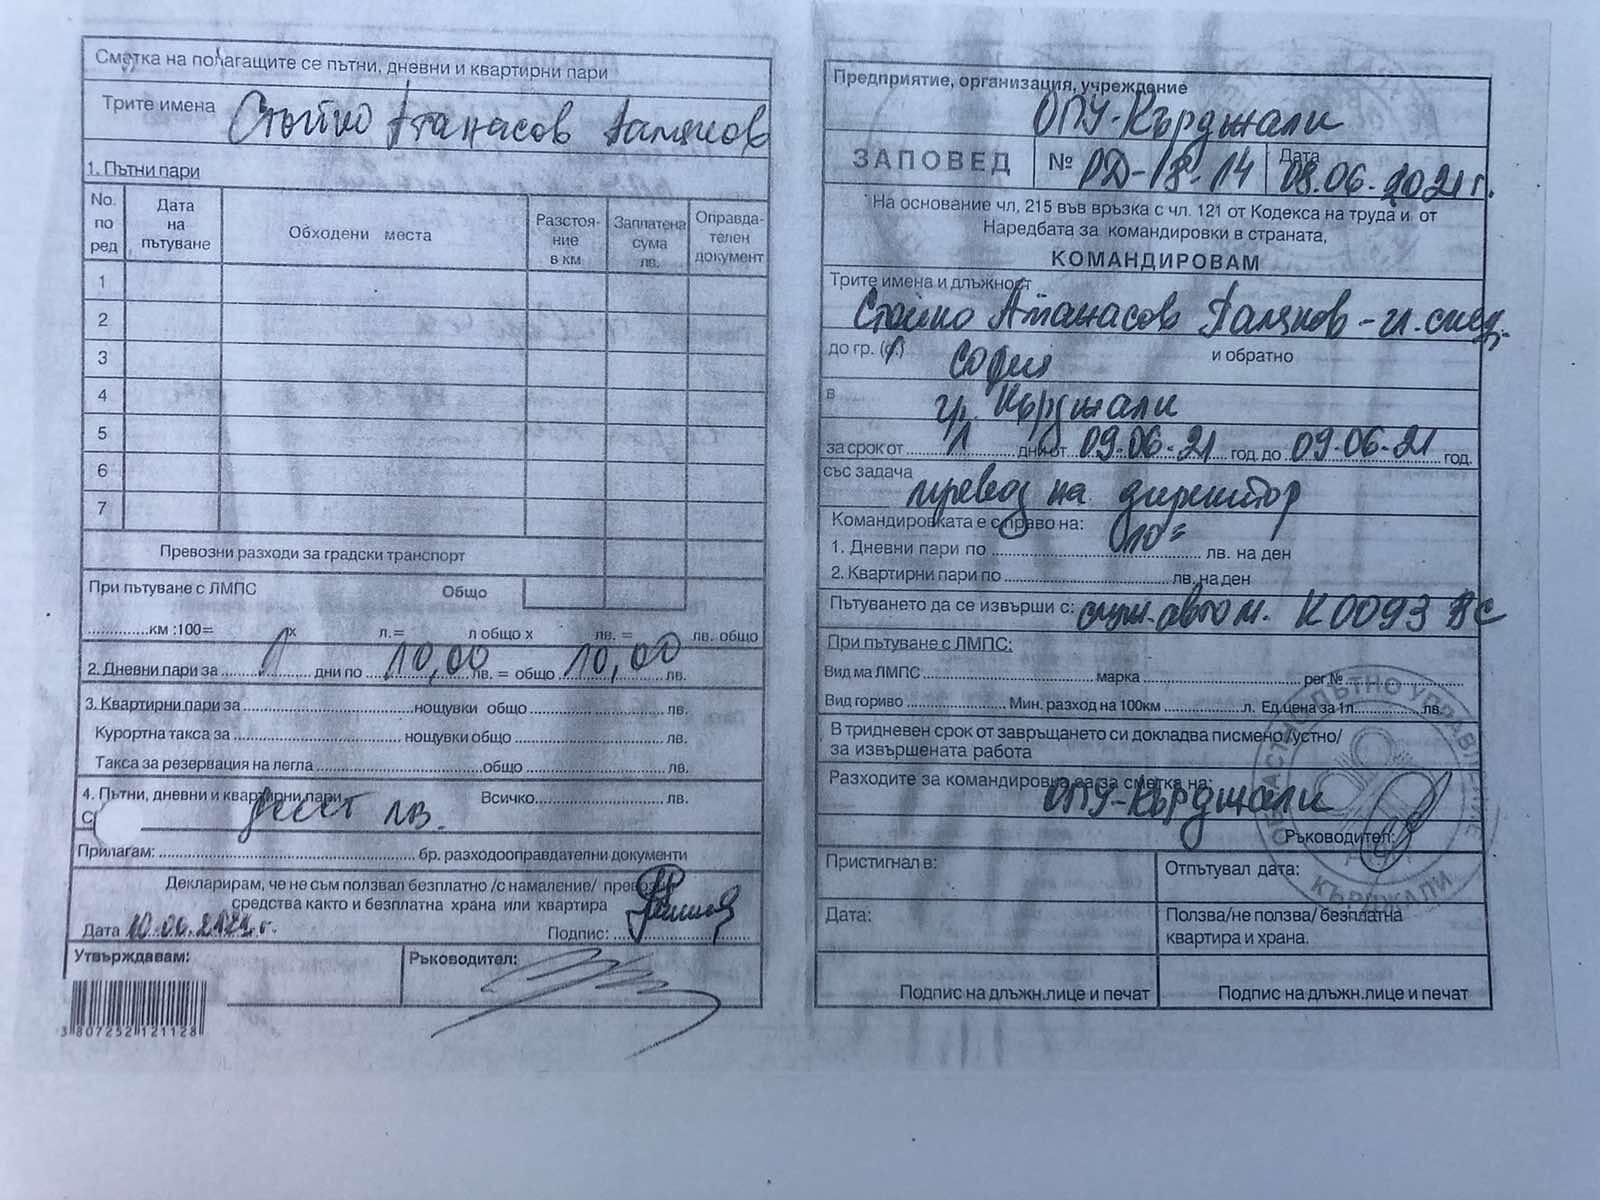 Пътен лист, доказващ, че Гавазов в качеството си на директор е пътувал със служебен автомобил до София на 09.06.2021